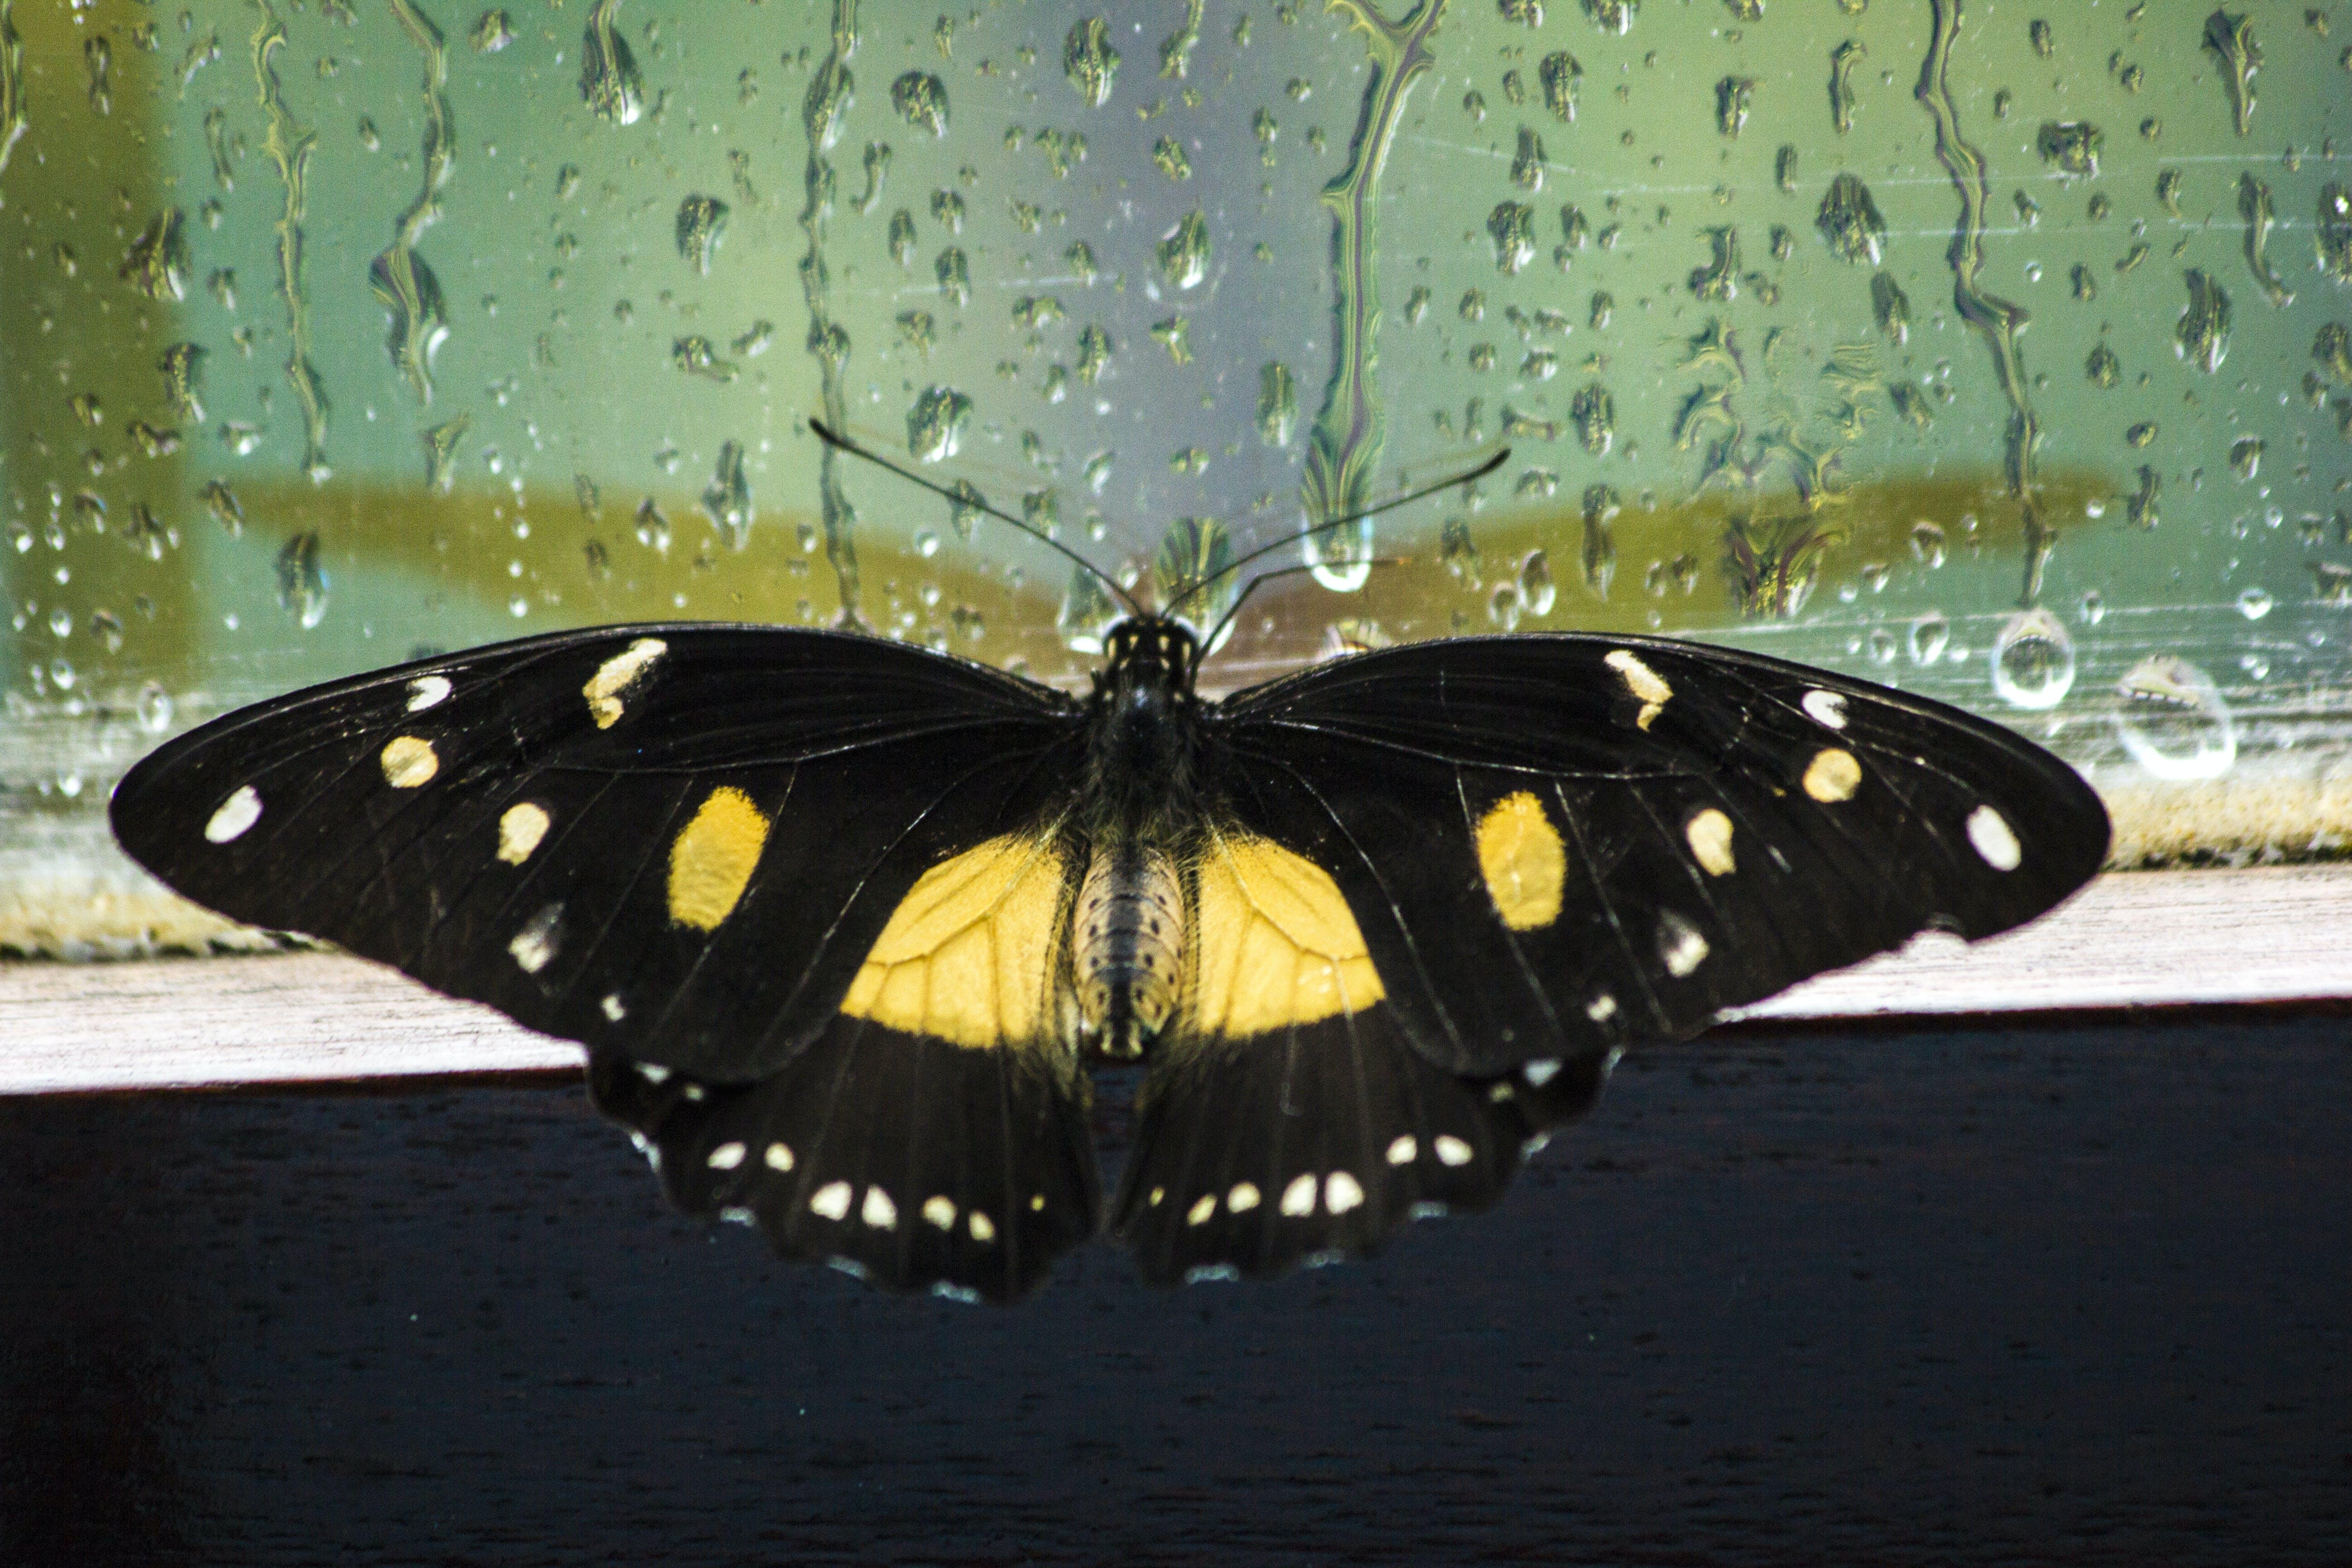 Free stock photo of butterfly, nature, raindrops, rainy